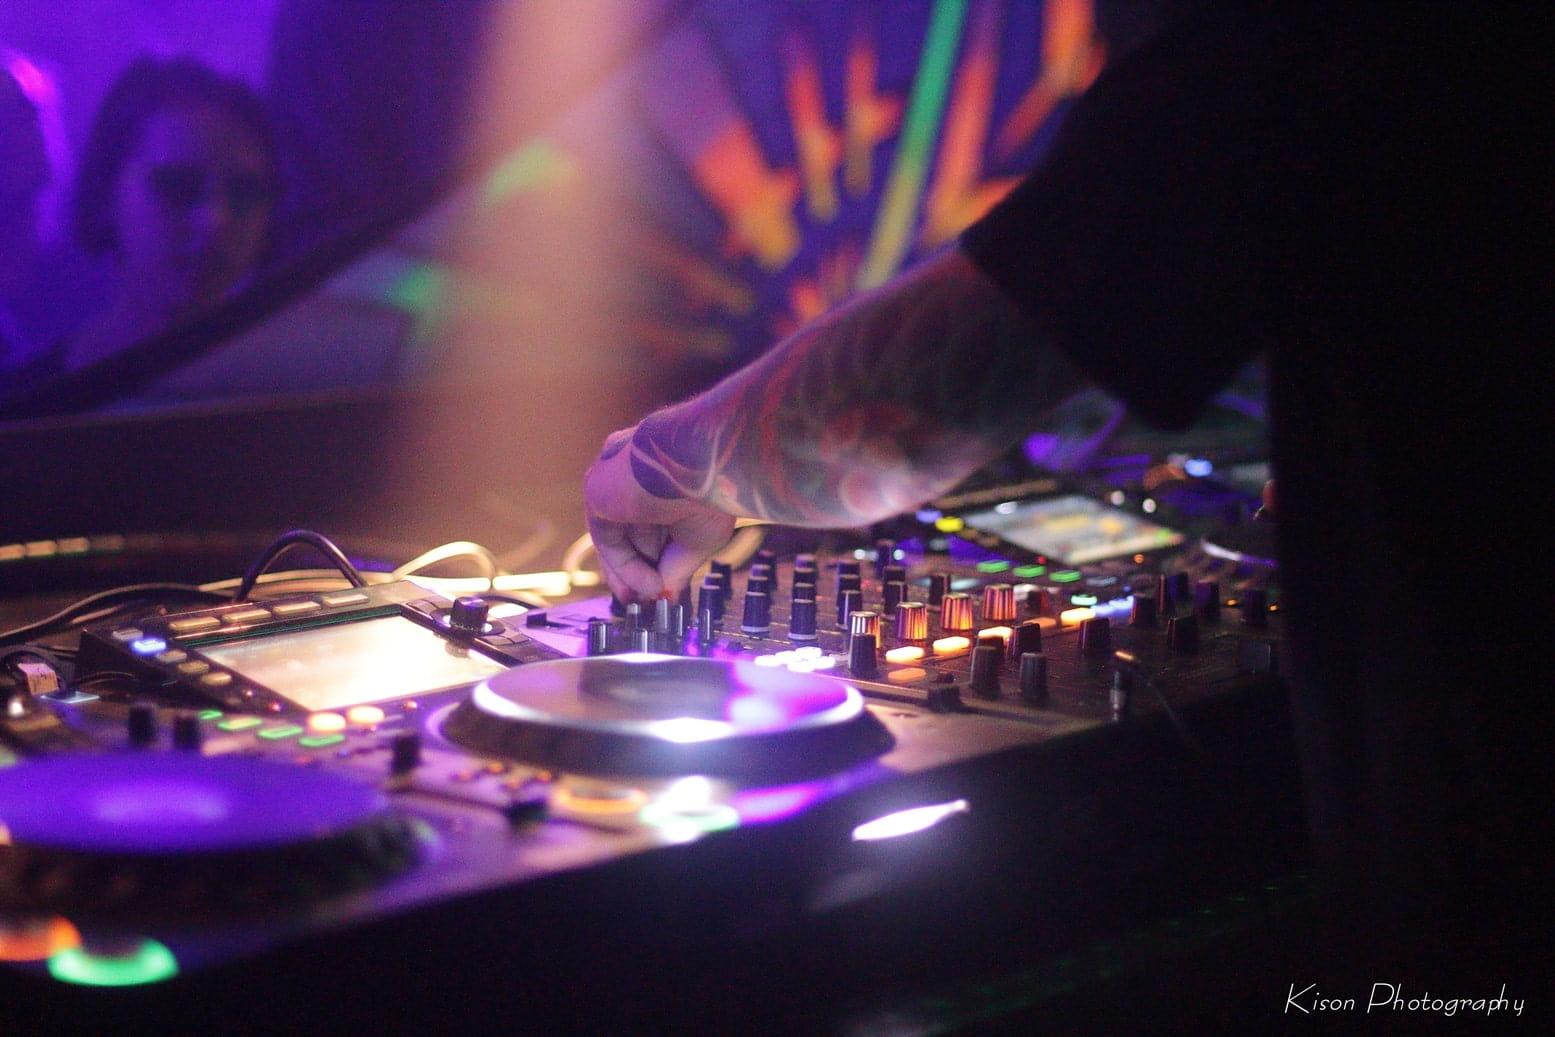 האמנים הגדולים בעולם המוזיקה האלקטרונית והטראנס - בטיפים שיקפיצו אתכם לסטודיו!